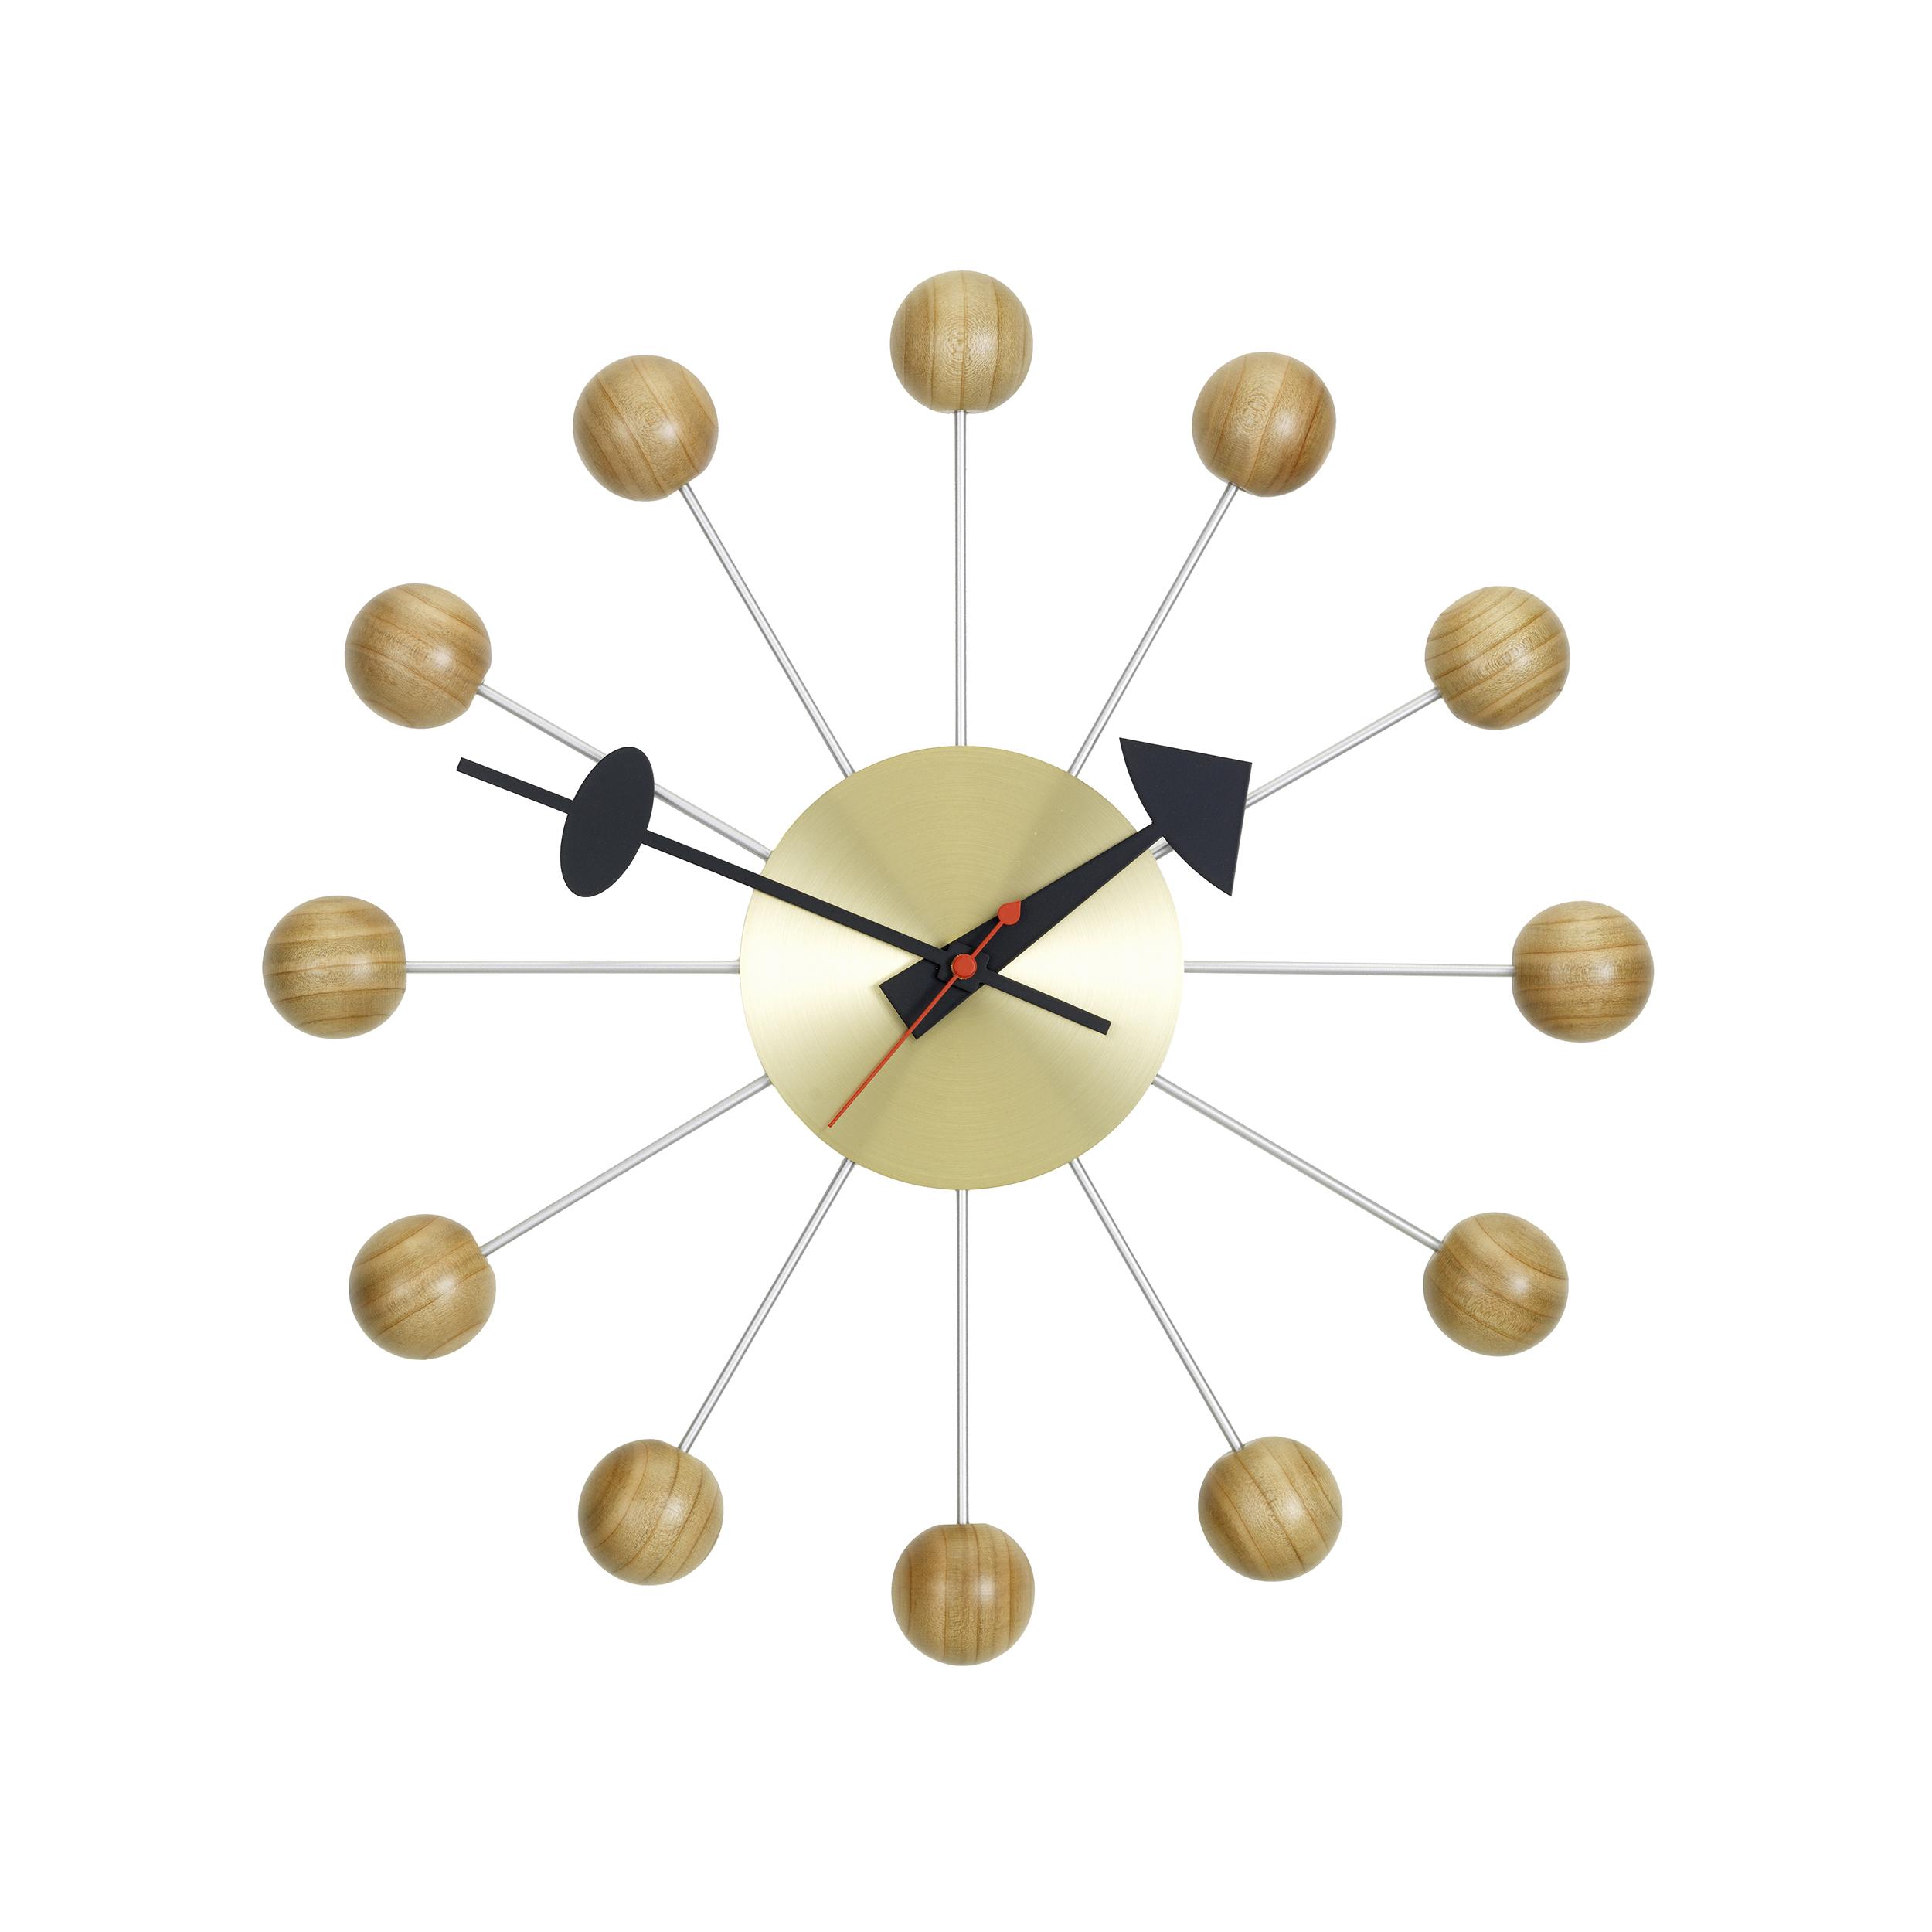 Name : Ball Clock